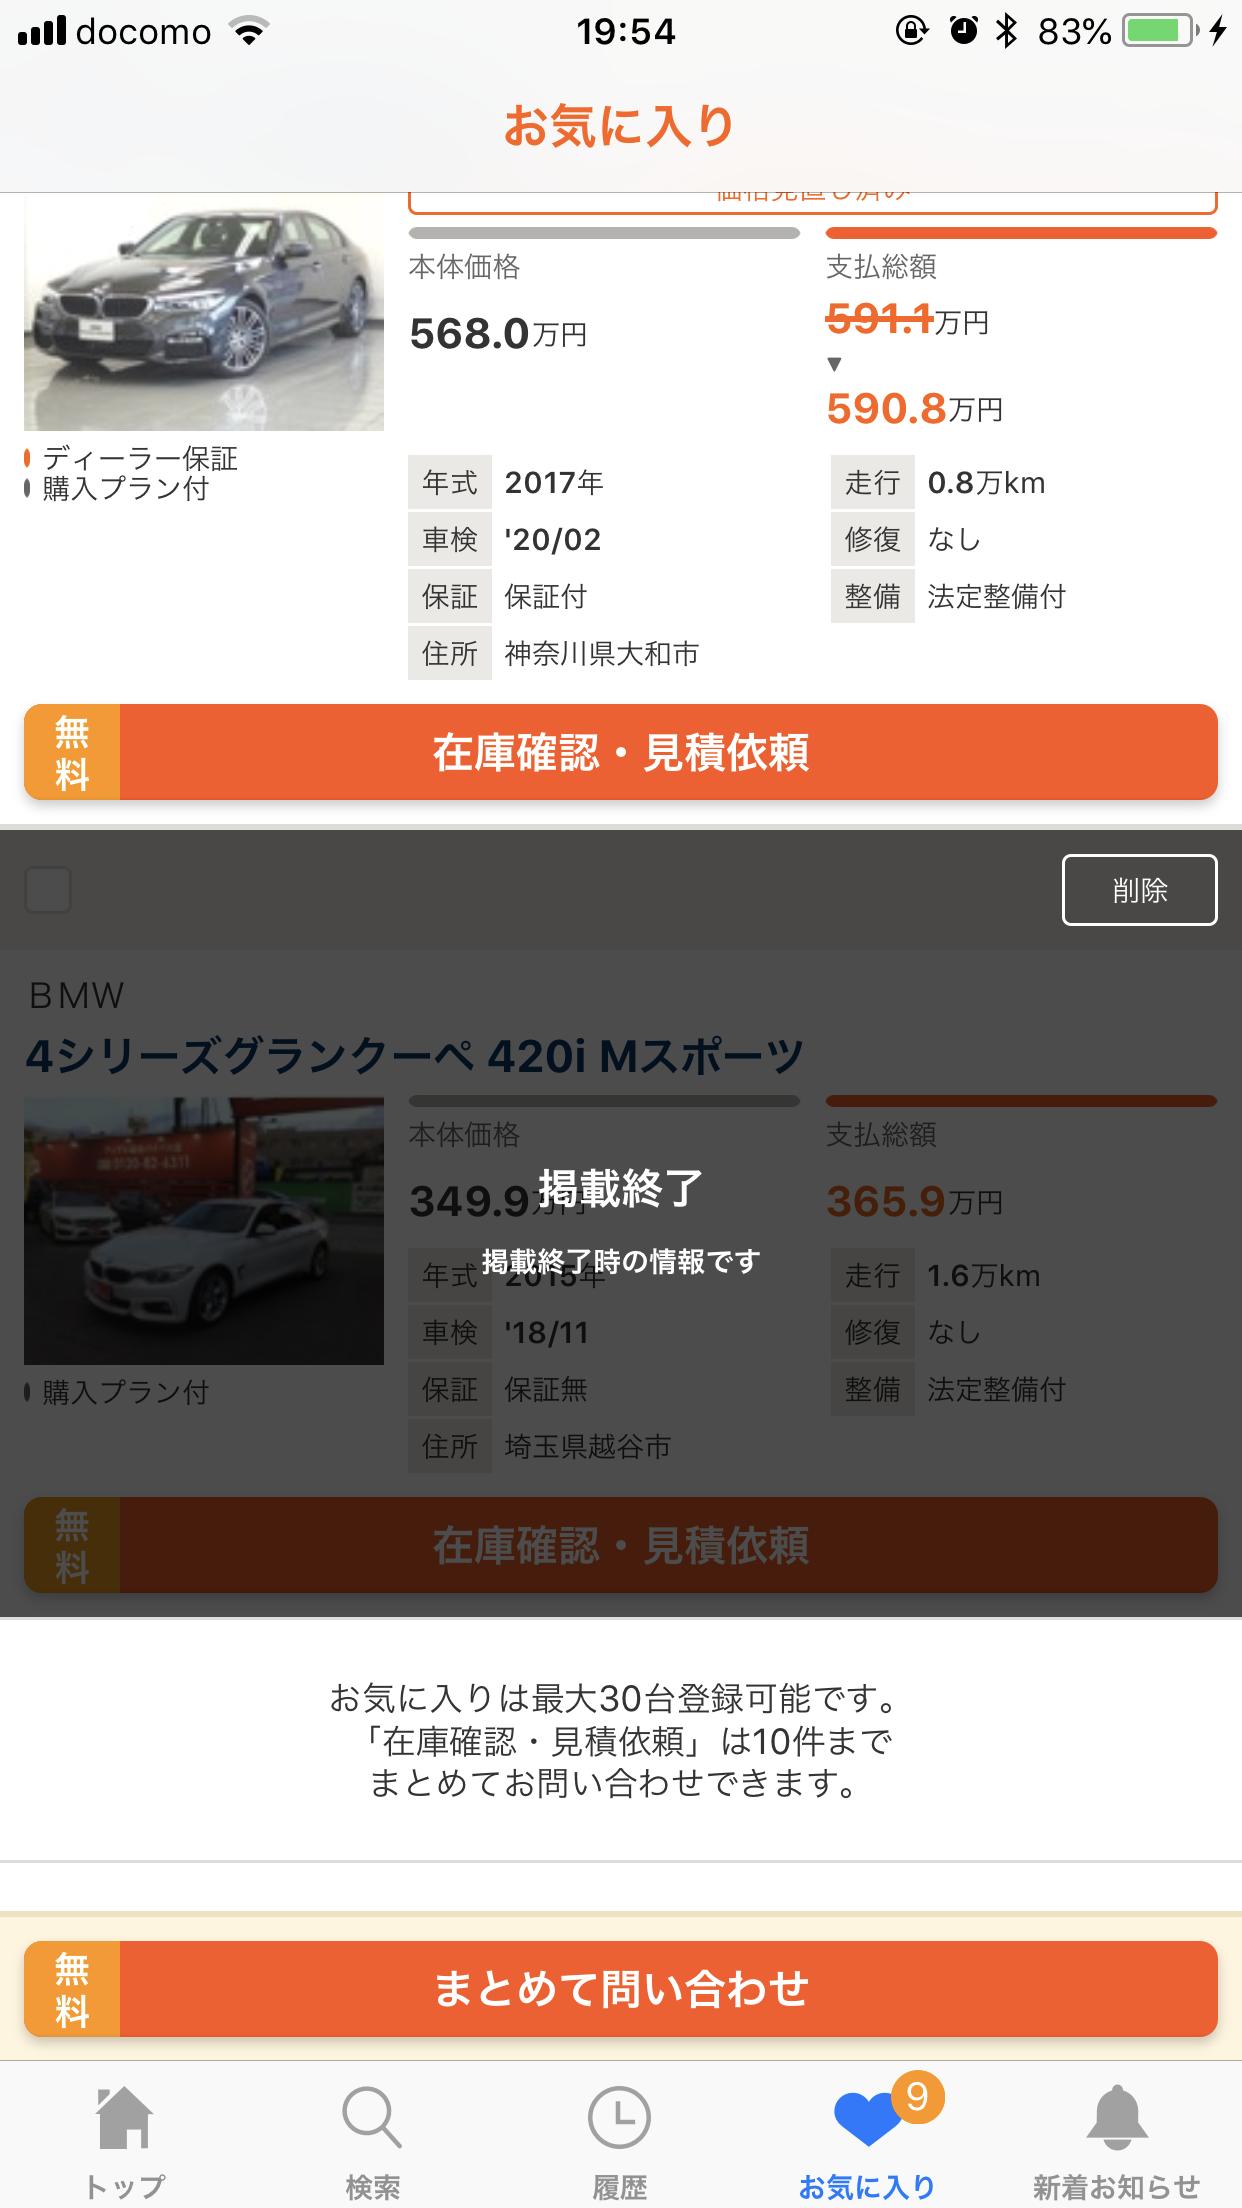 旧愛車のBMW4シリーズグランクーペが売れた模様です^^